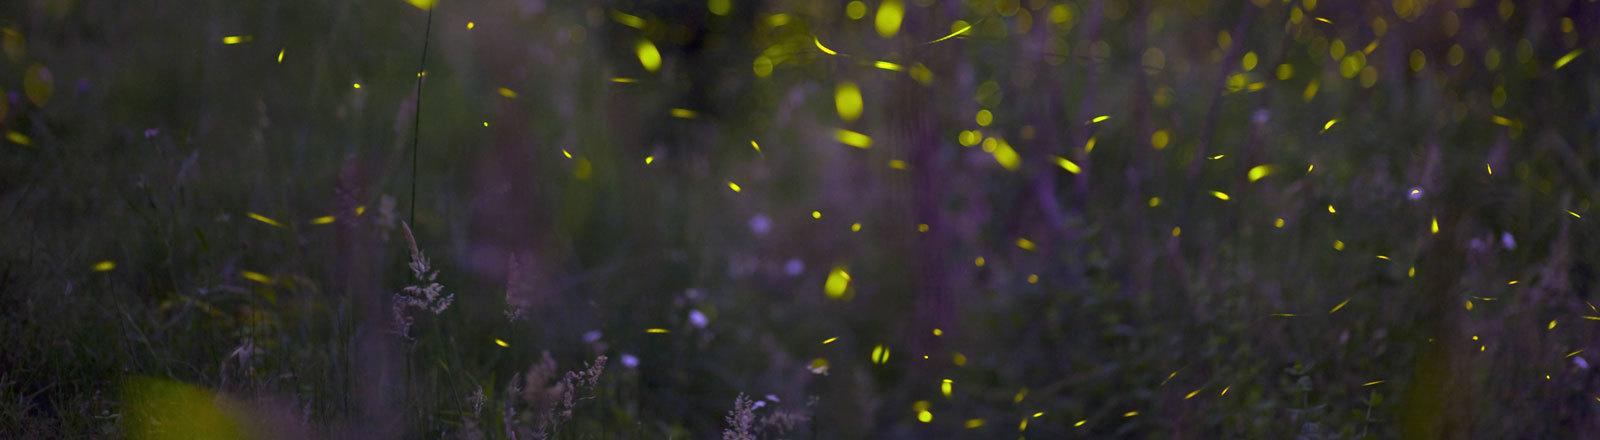 Gelb leuchtende Glühwürmchen fliegen über eine Wiese.